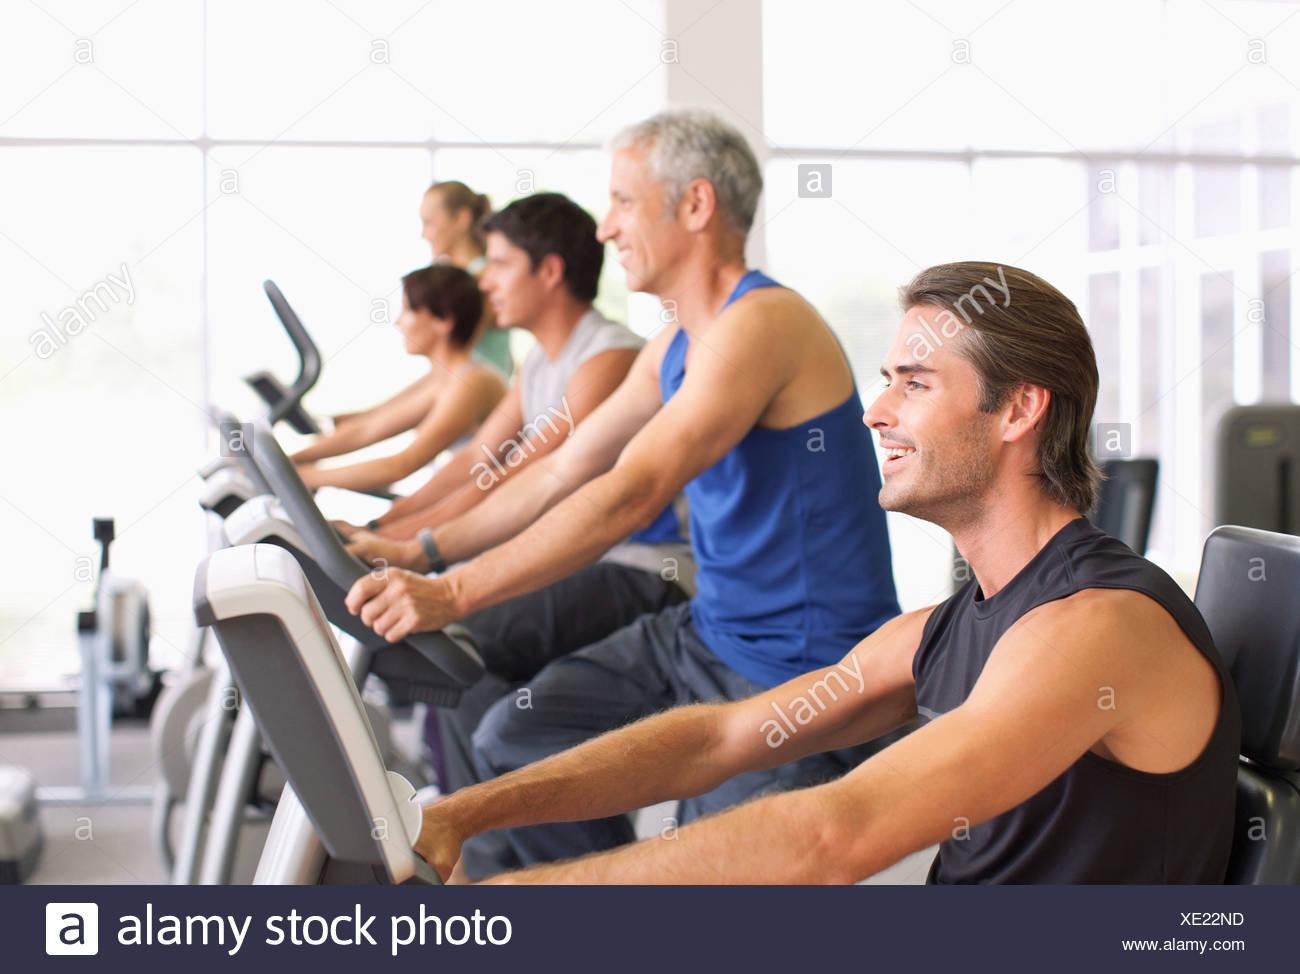 Persone che lavorano sulle macchine per esercizi in palestra Immagini Stock